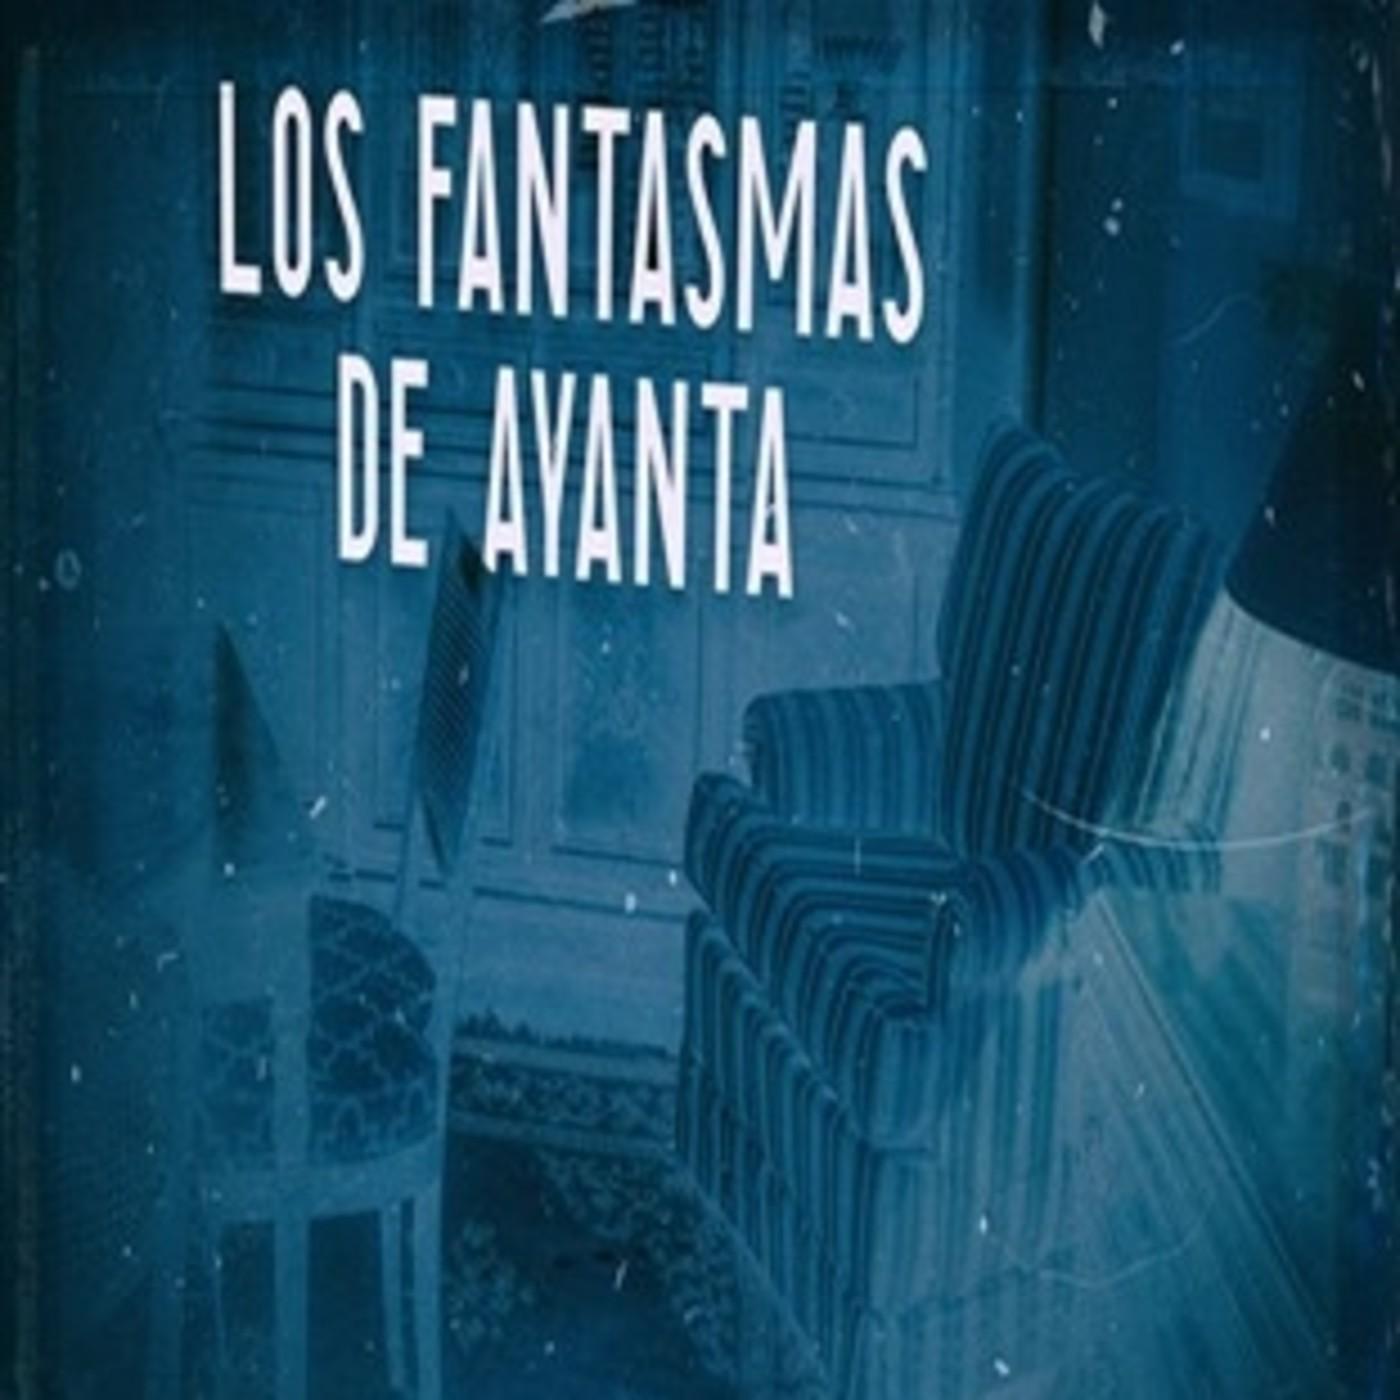 Cuarto Milenio: Los fantasmas de Ayanta en Cuarto Milenio (Oficial ...